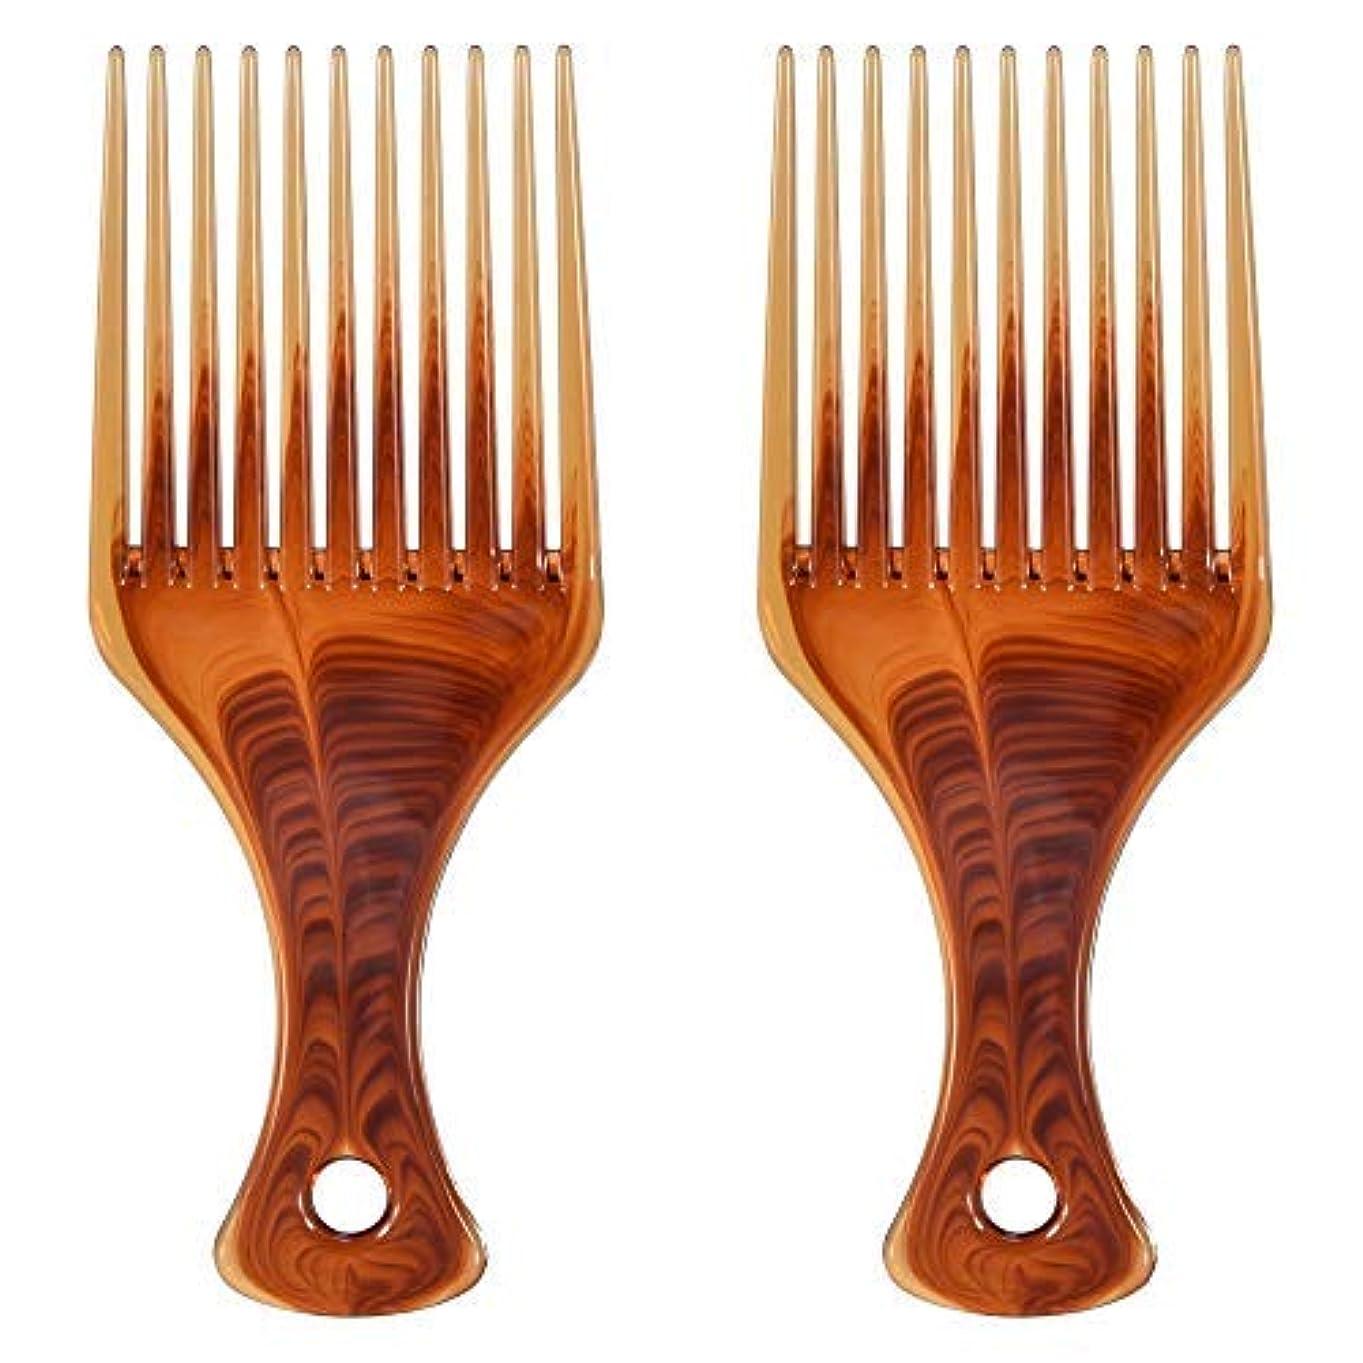 キャンセルが欲しい調和のとれたMosuch Hair Pick, 2pcs Super Smooth Picks Comb Hairdressing Wide Tooth Modeling Big Tooth Comb [並行輸入品]